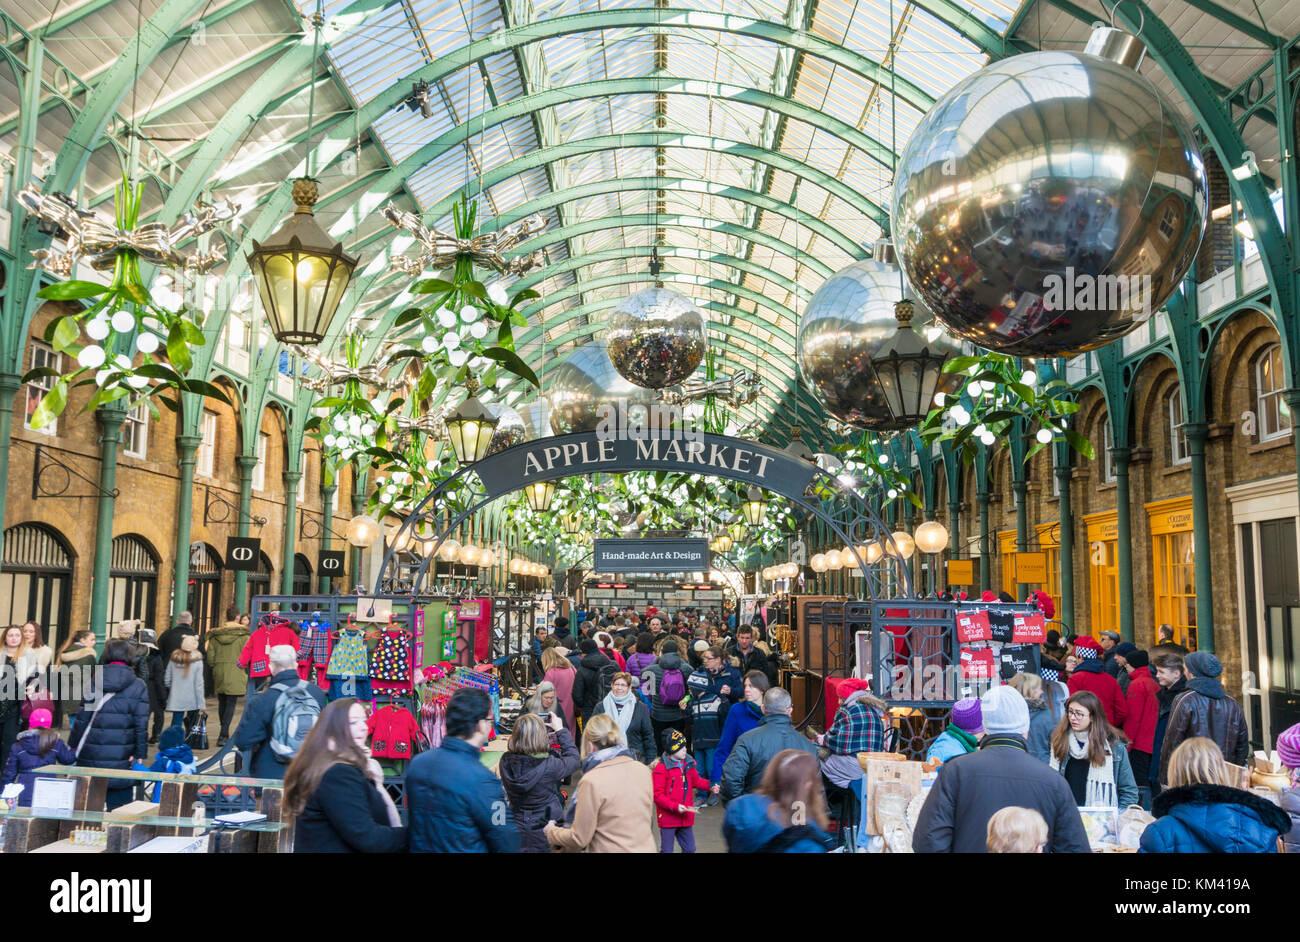 Covent Garden London England Menschen einkaufen und in der Freizeit in apple markt Geschäfte, Restaurants und Stockbild